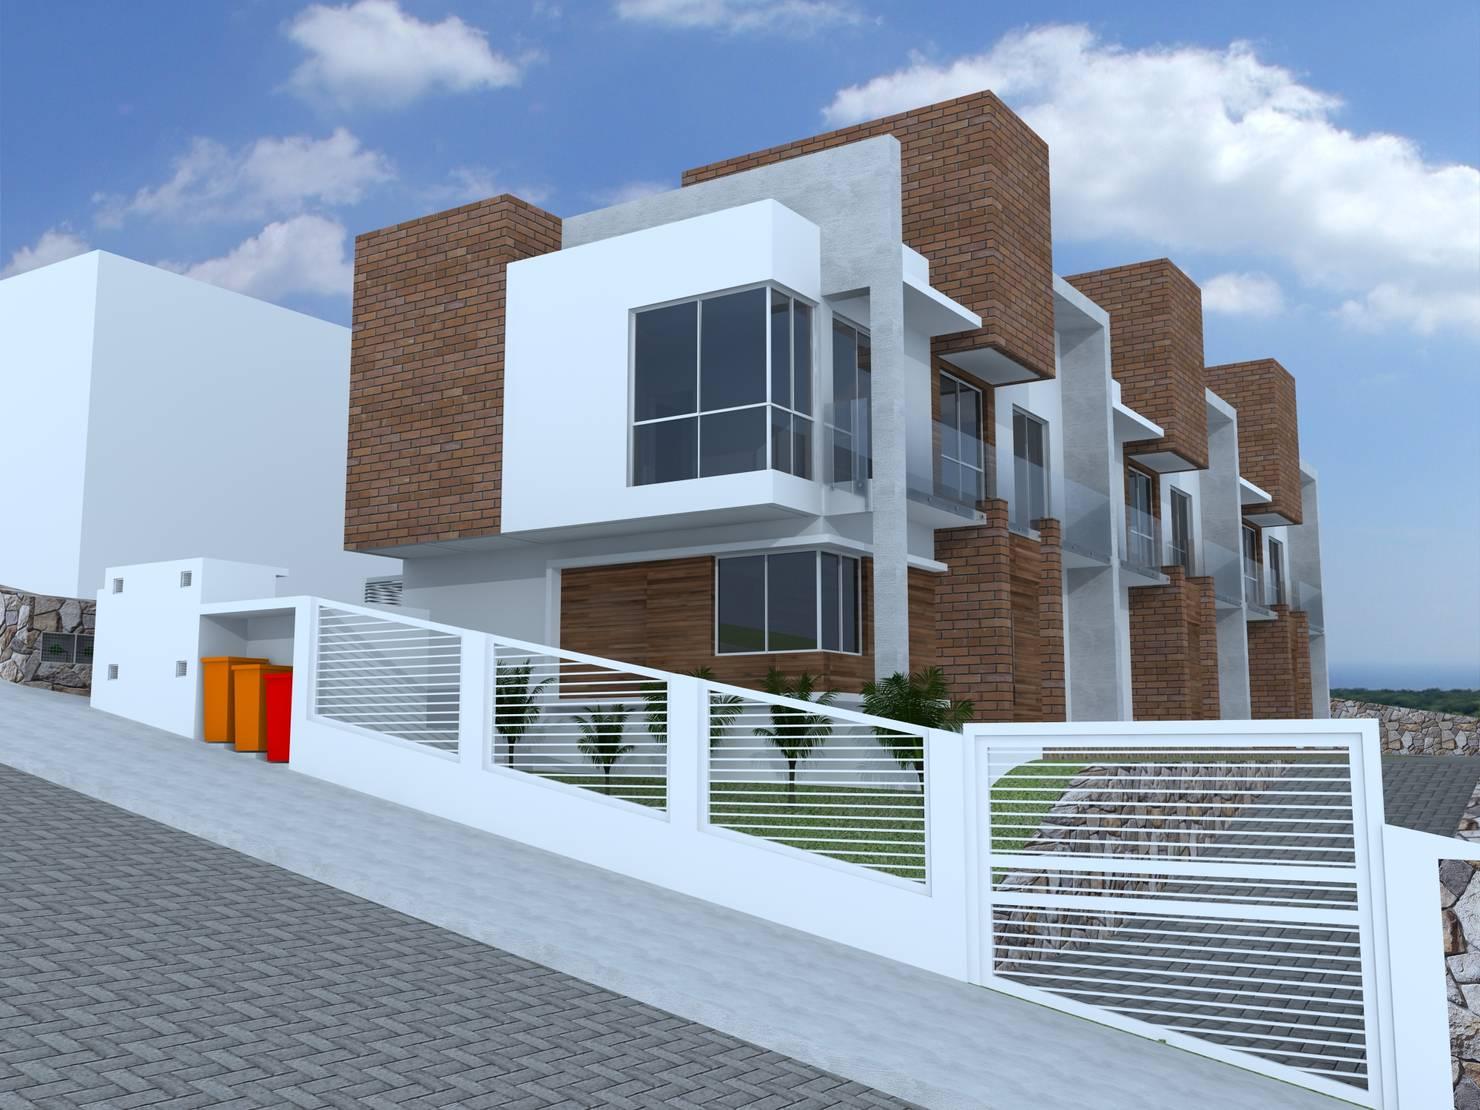 Projetos de casas geminadas: vantagens, desvantagens e modelos